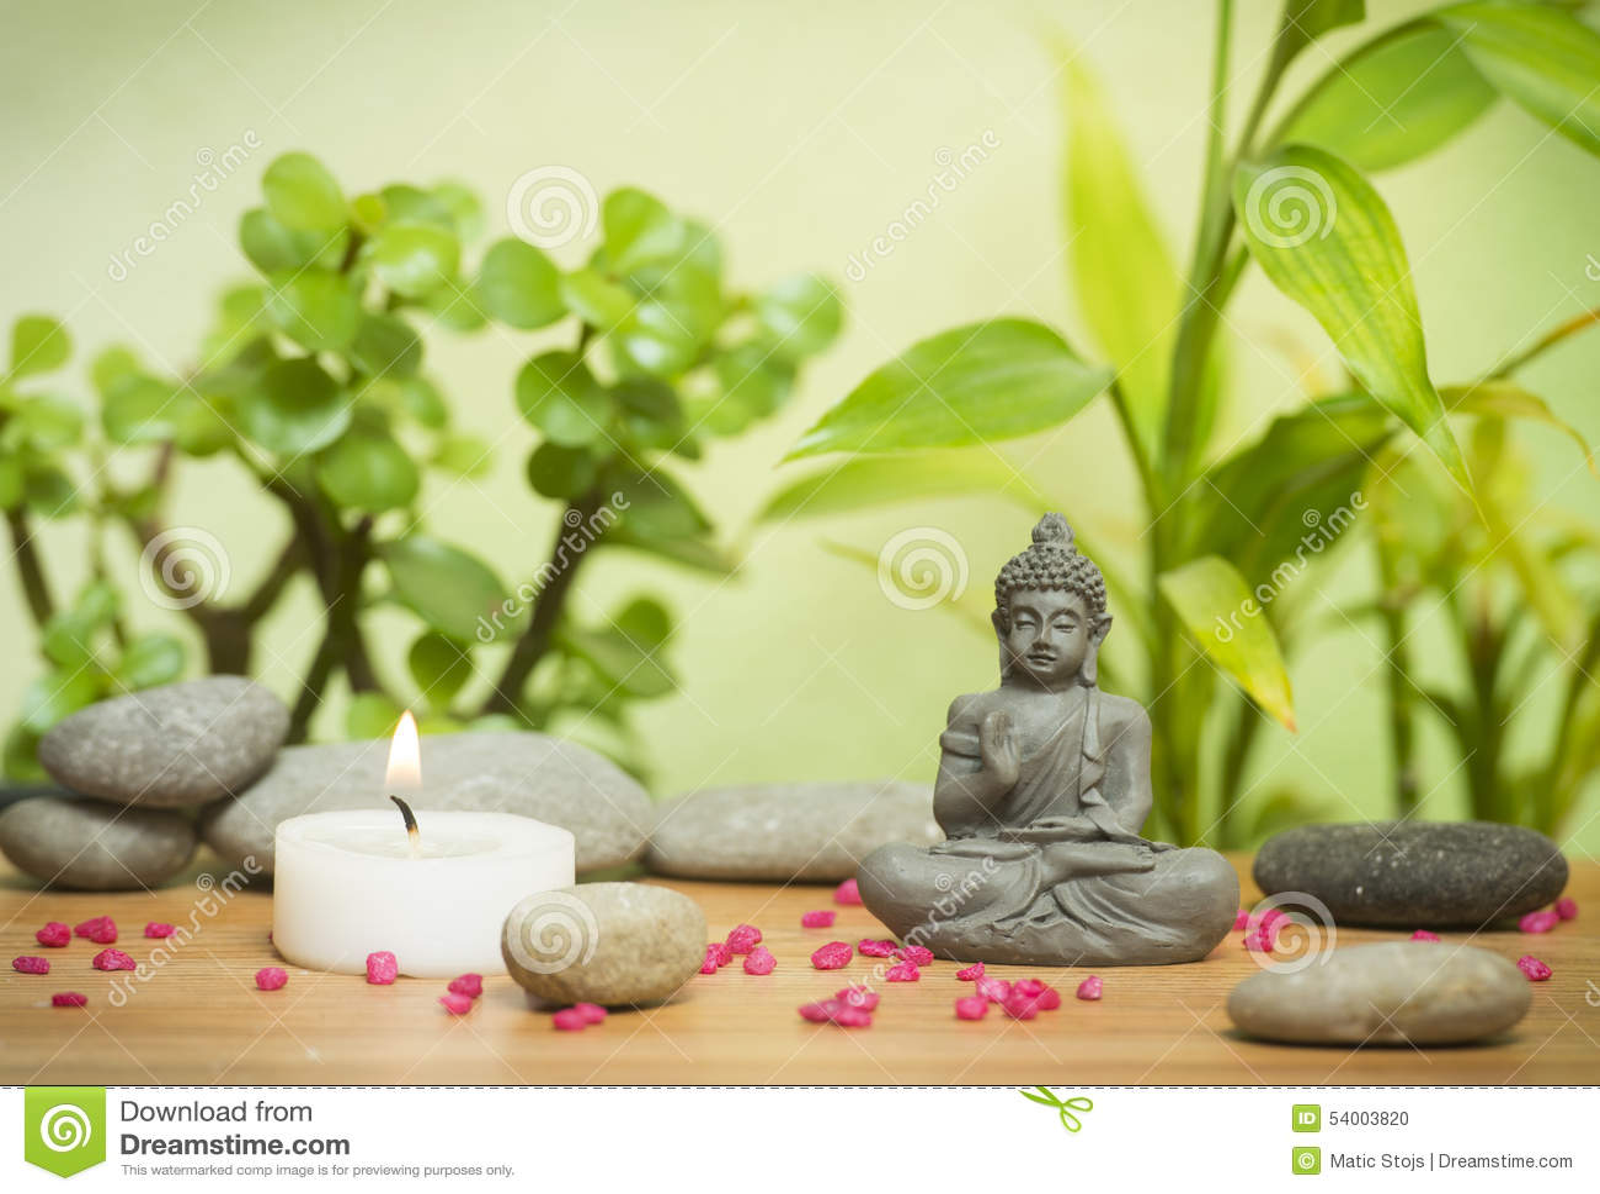 Relaxing zen garden stock photo. Image of japanese ...